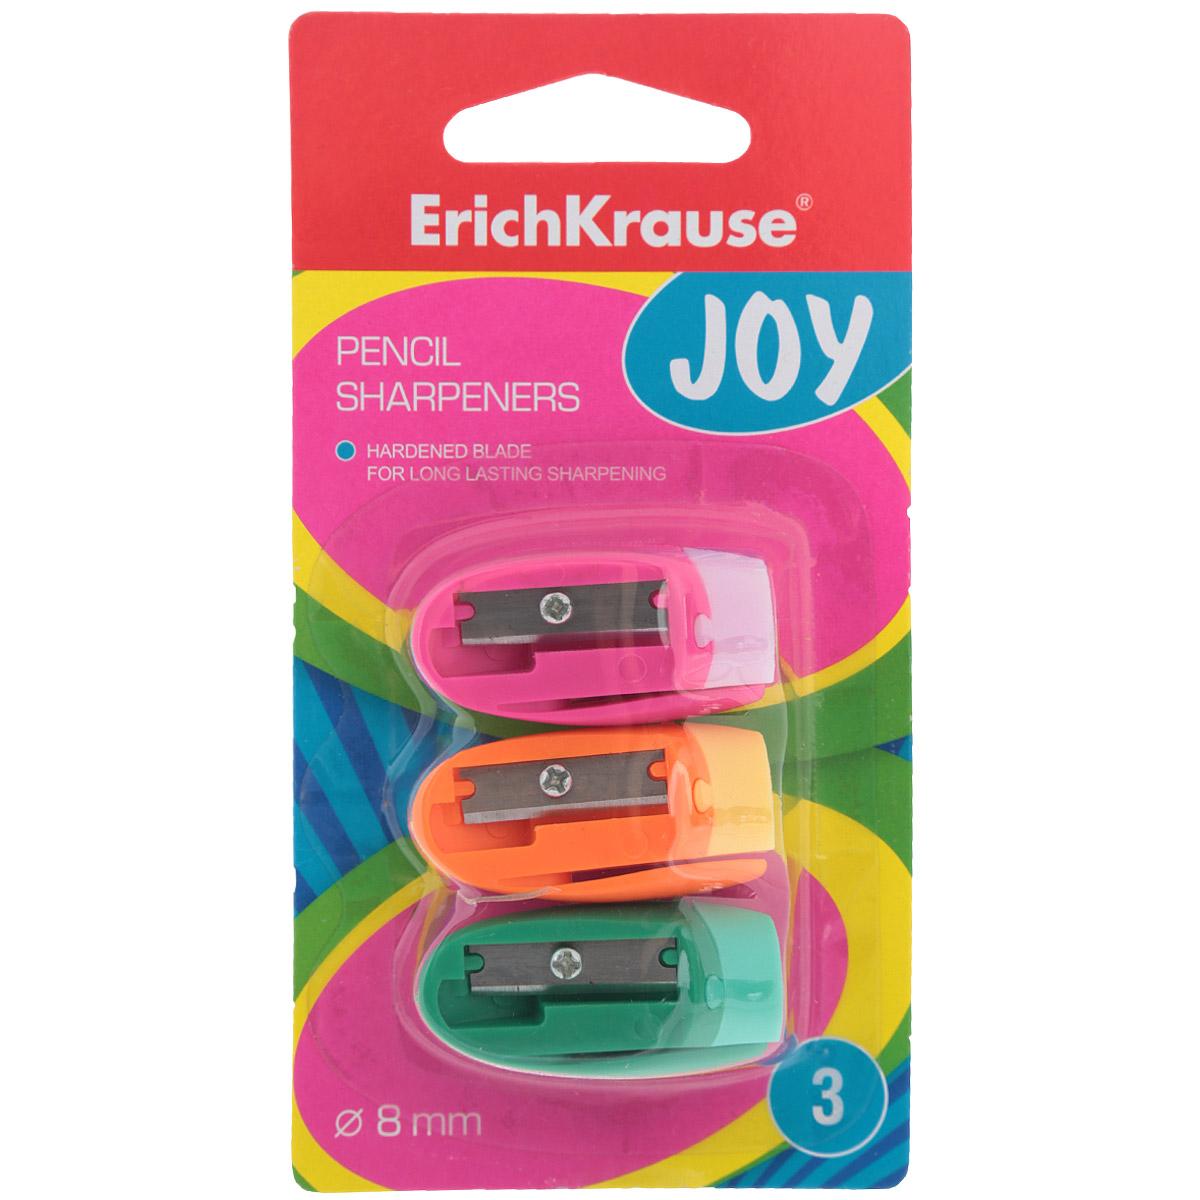 Набор точилок Erich Krause Joy цвет розовый оранжевый зеленый 3 шт21826Набор состоит из трех одинарных точилок без контейнера в ярком пластиковом корпусе с клипом для заточки стандартных карандашей диаметром до 8 мм. Каждая точилка компактная по размеру, изготовлена из неломающихся, ударопрочных материалов. Высококачественное стальное лезвие позволит использовать такие точилки длительное время.